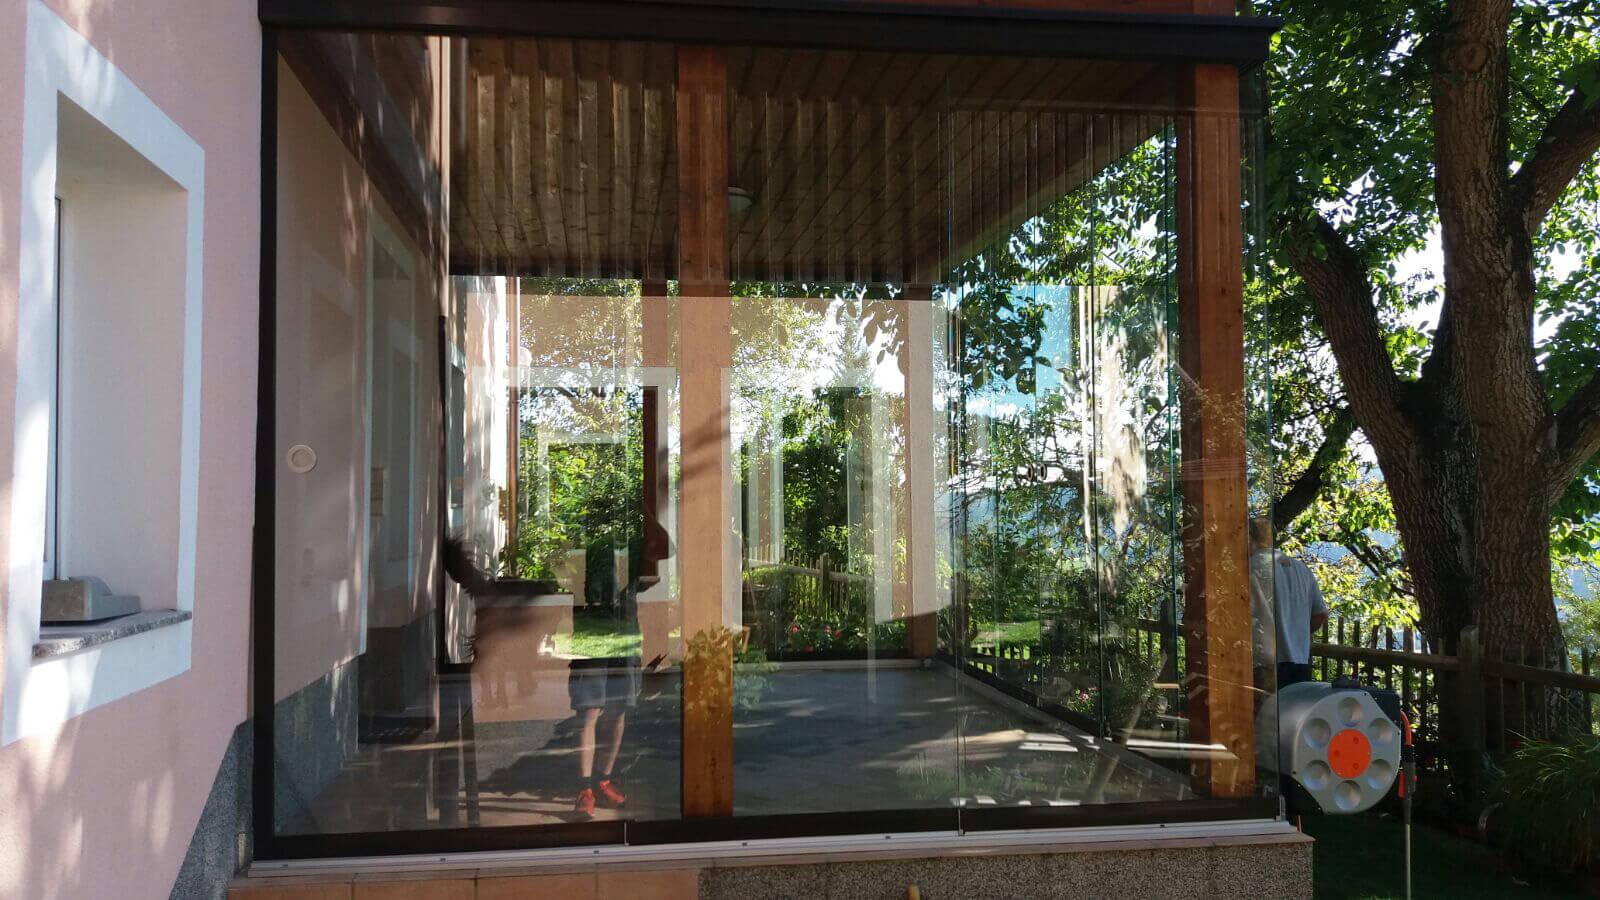 Holzkonstruktion mit Glasschiebetüren